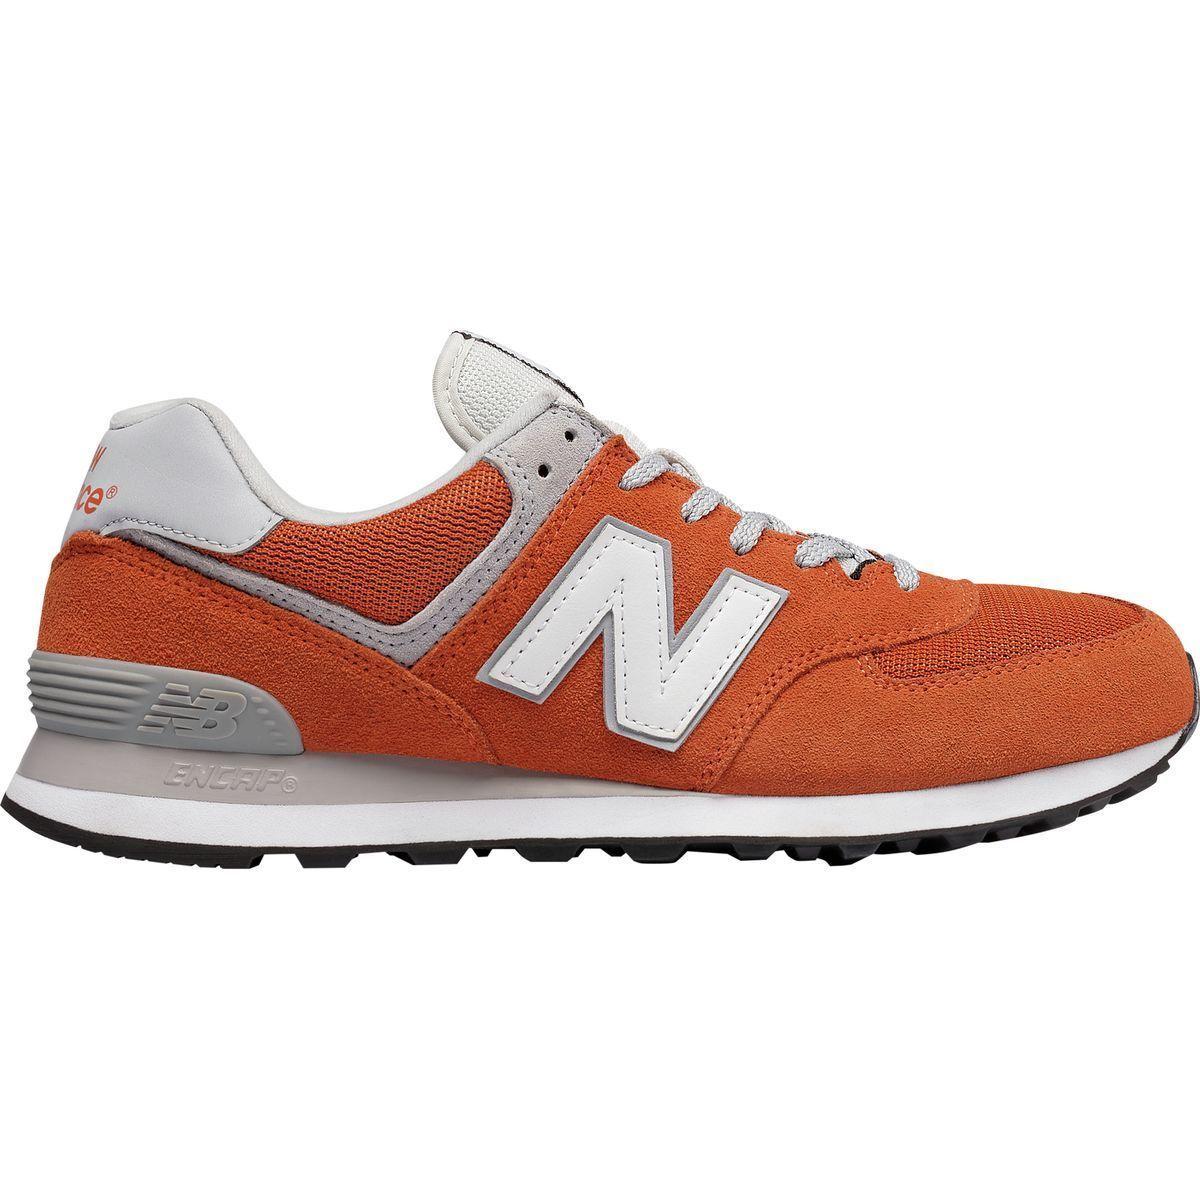 New Balance 574 Shoe Spice Market/White 10.0 New balance